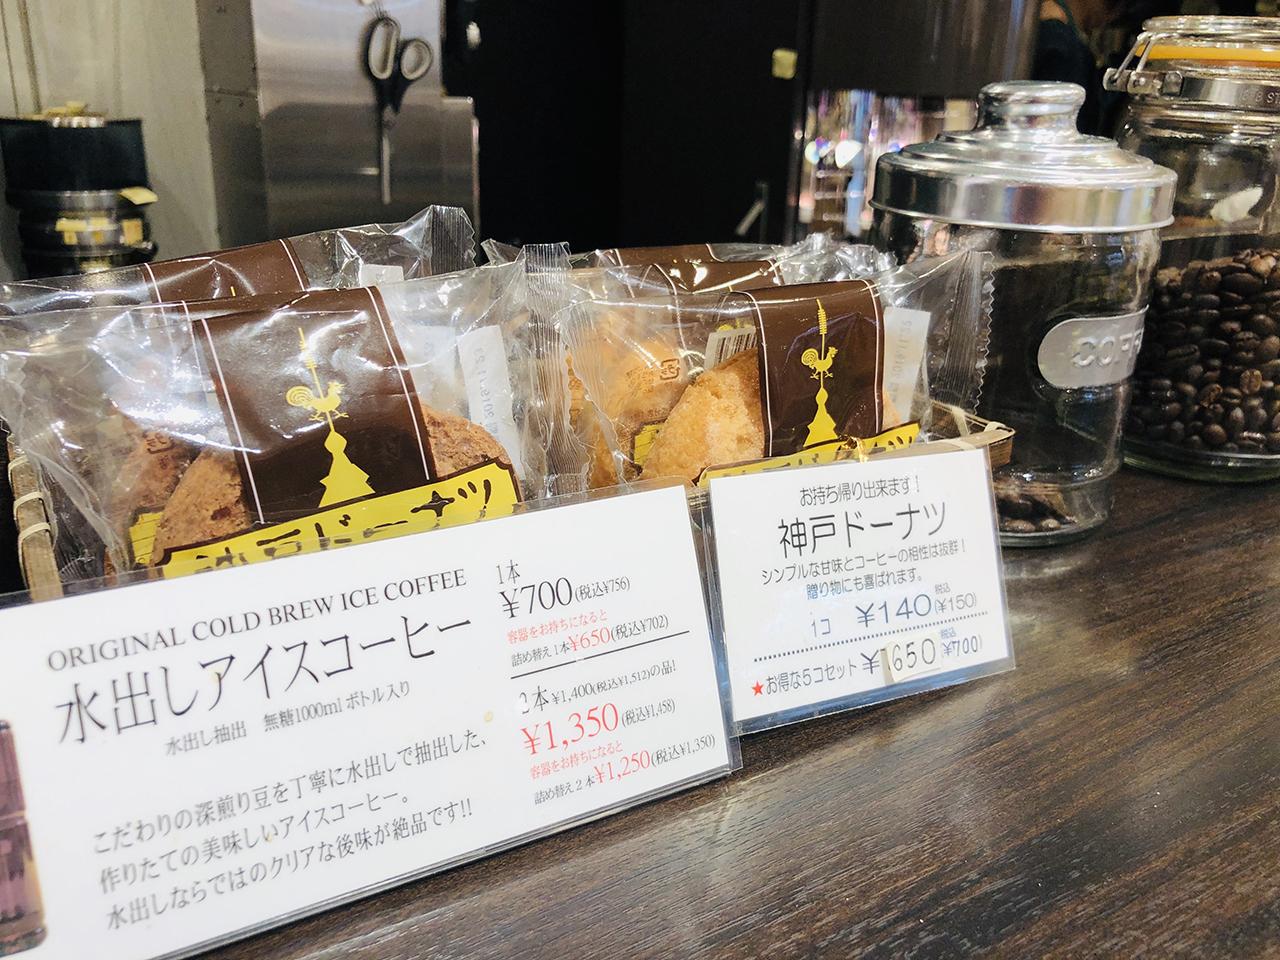 陳列されたドーナツの写真